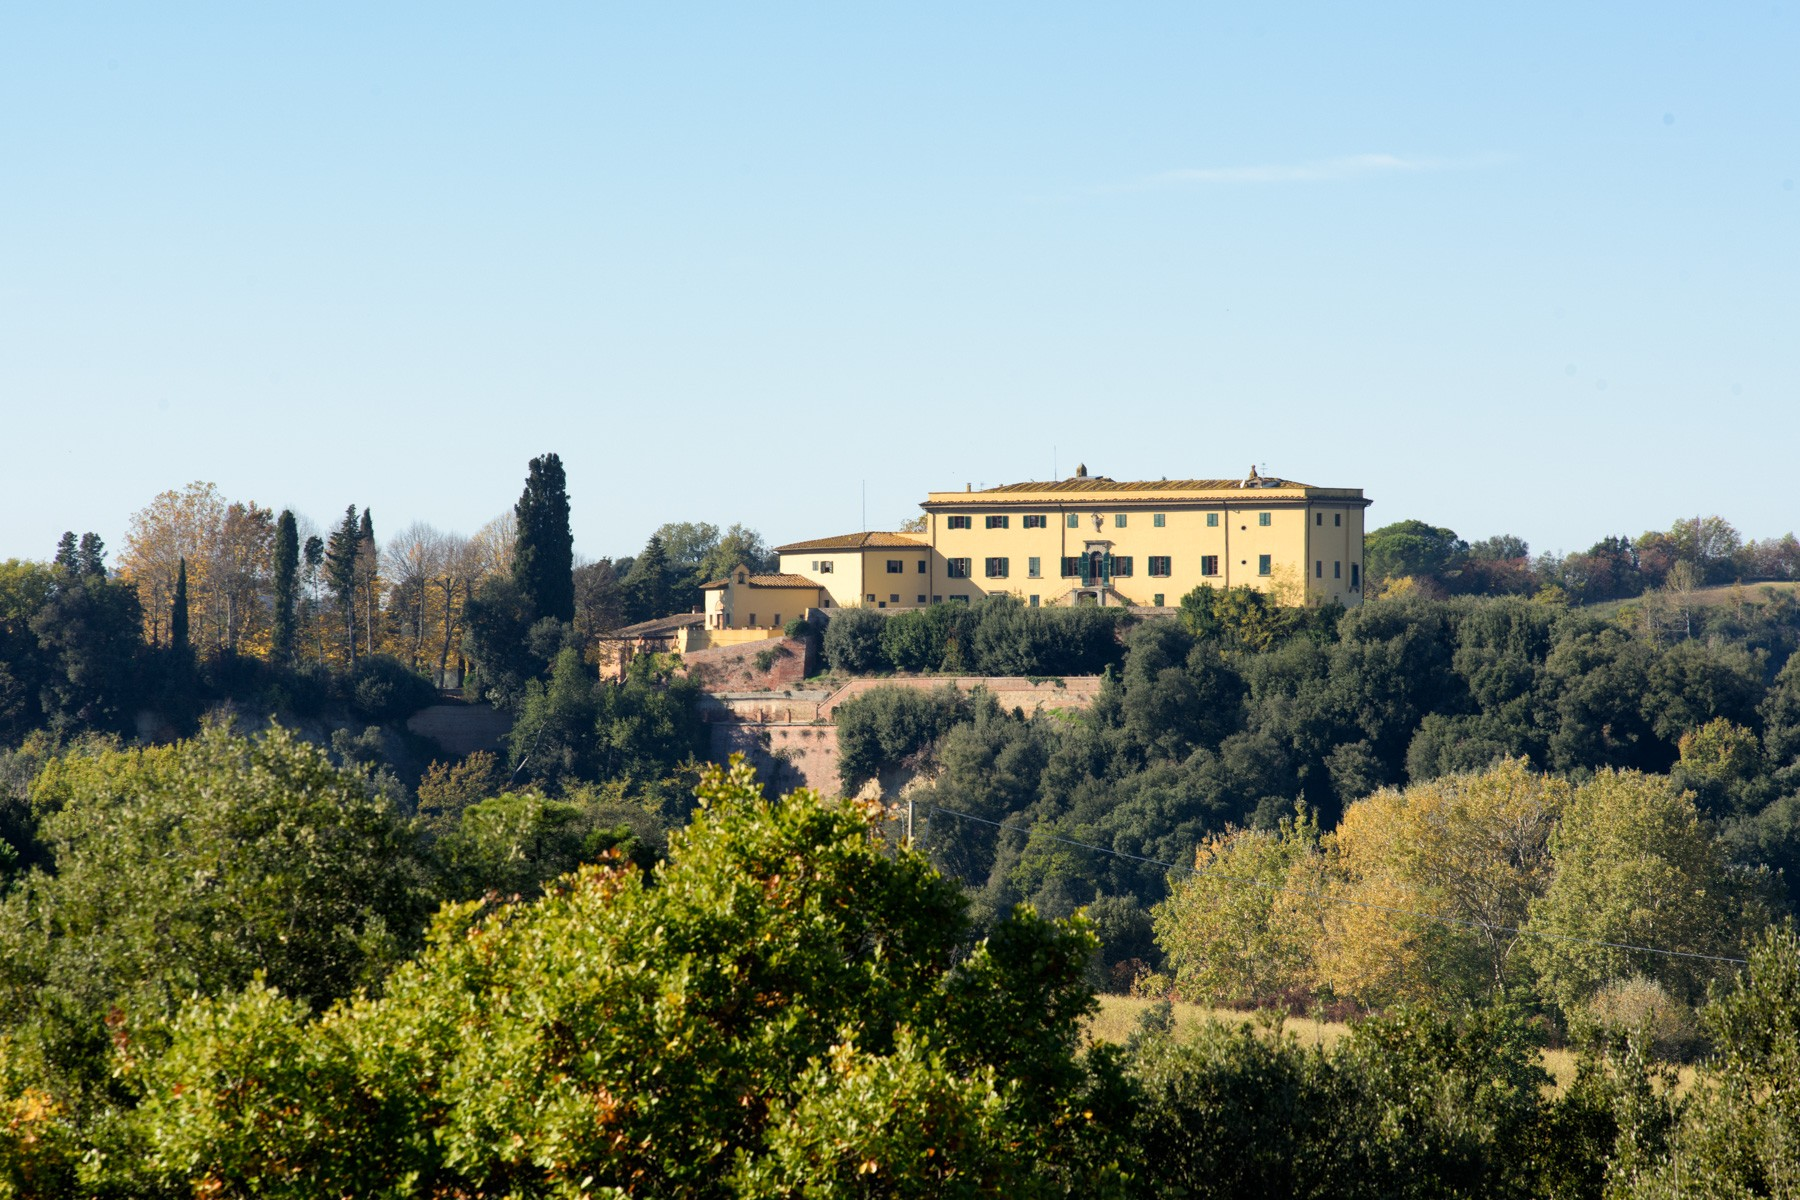 Villa in Vendita a Montaione: 5 locali, 15655 mq - Foto 1